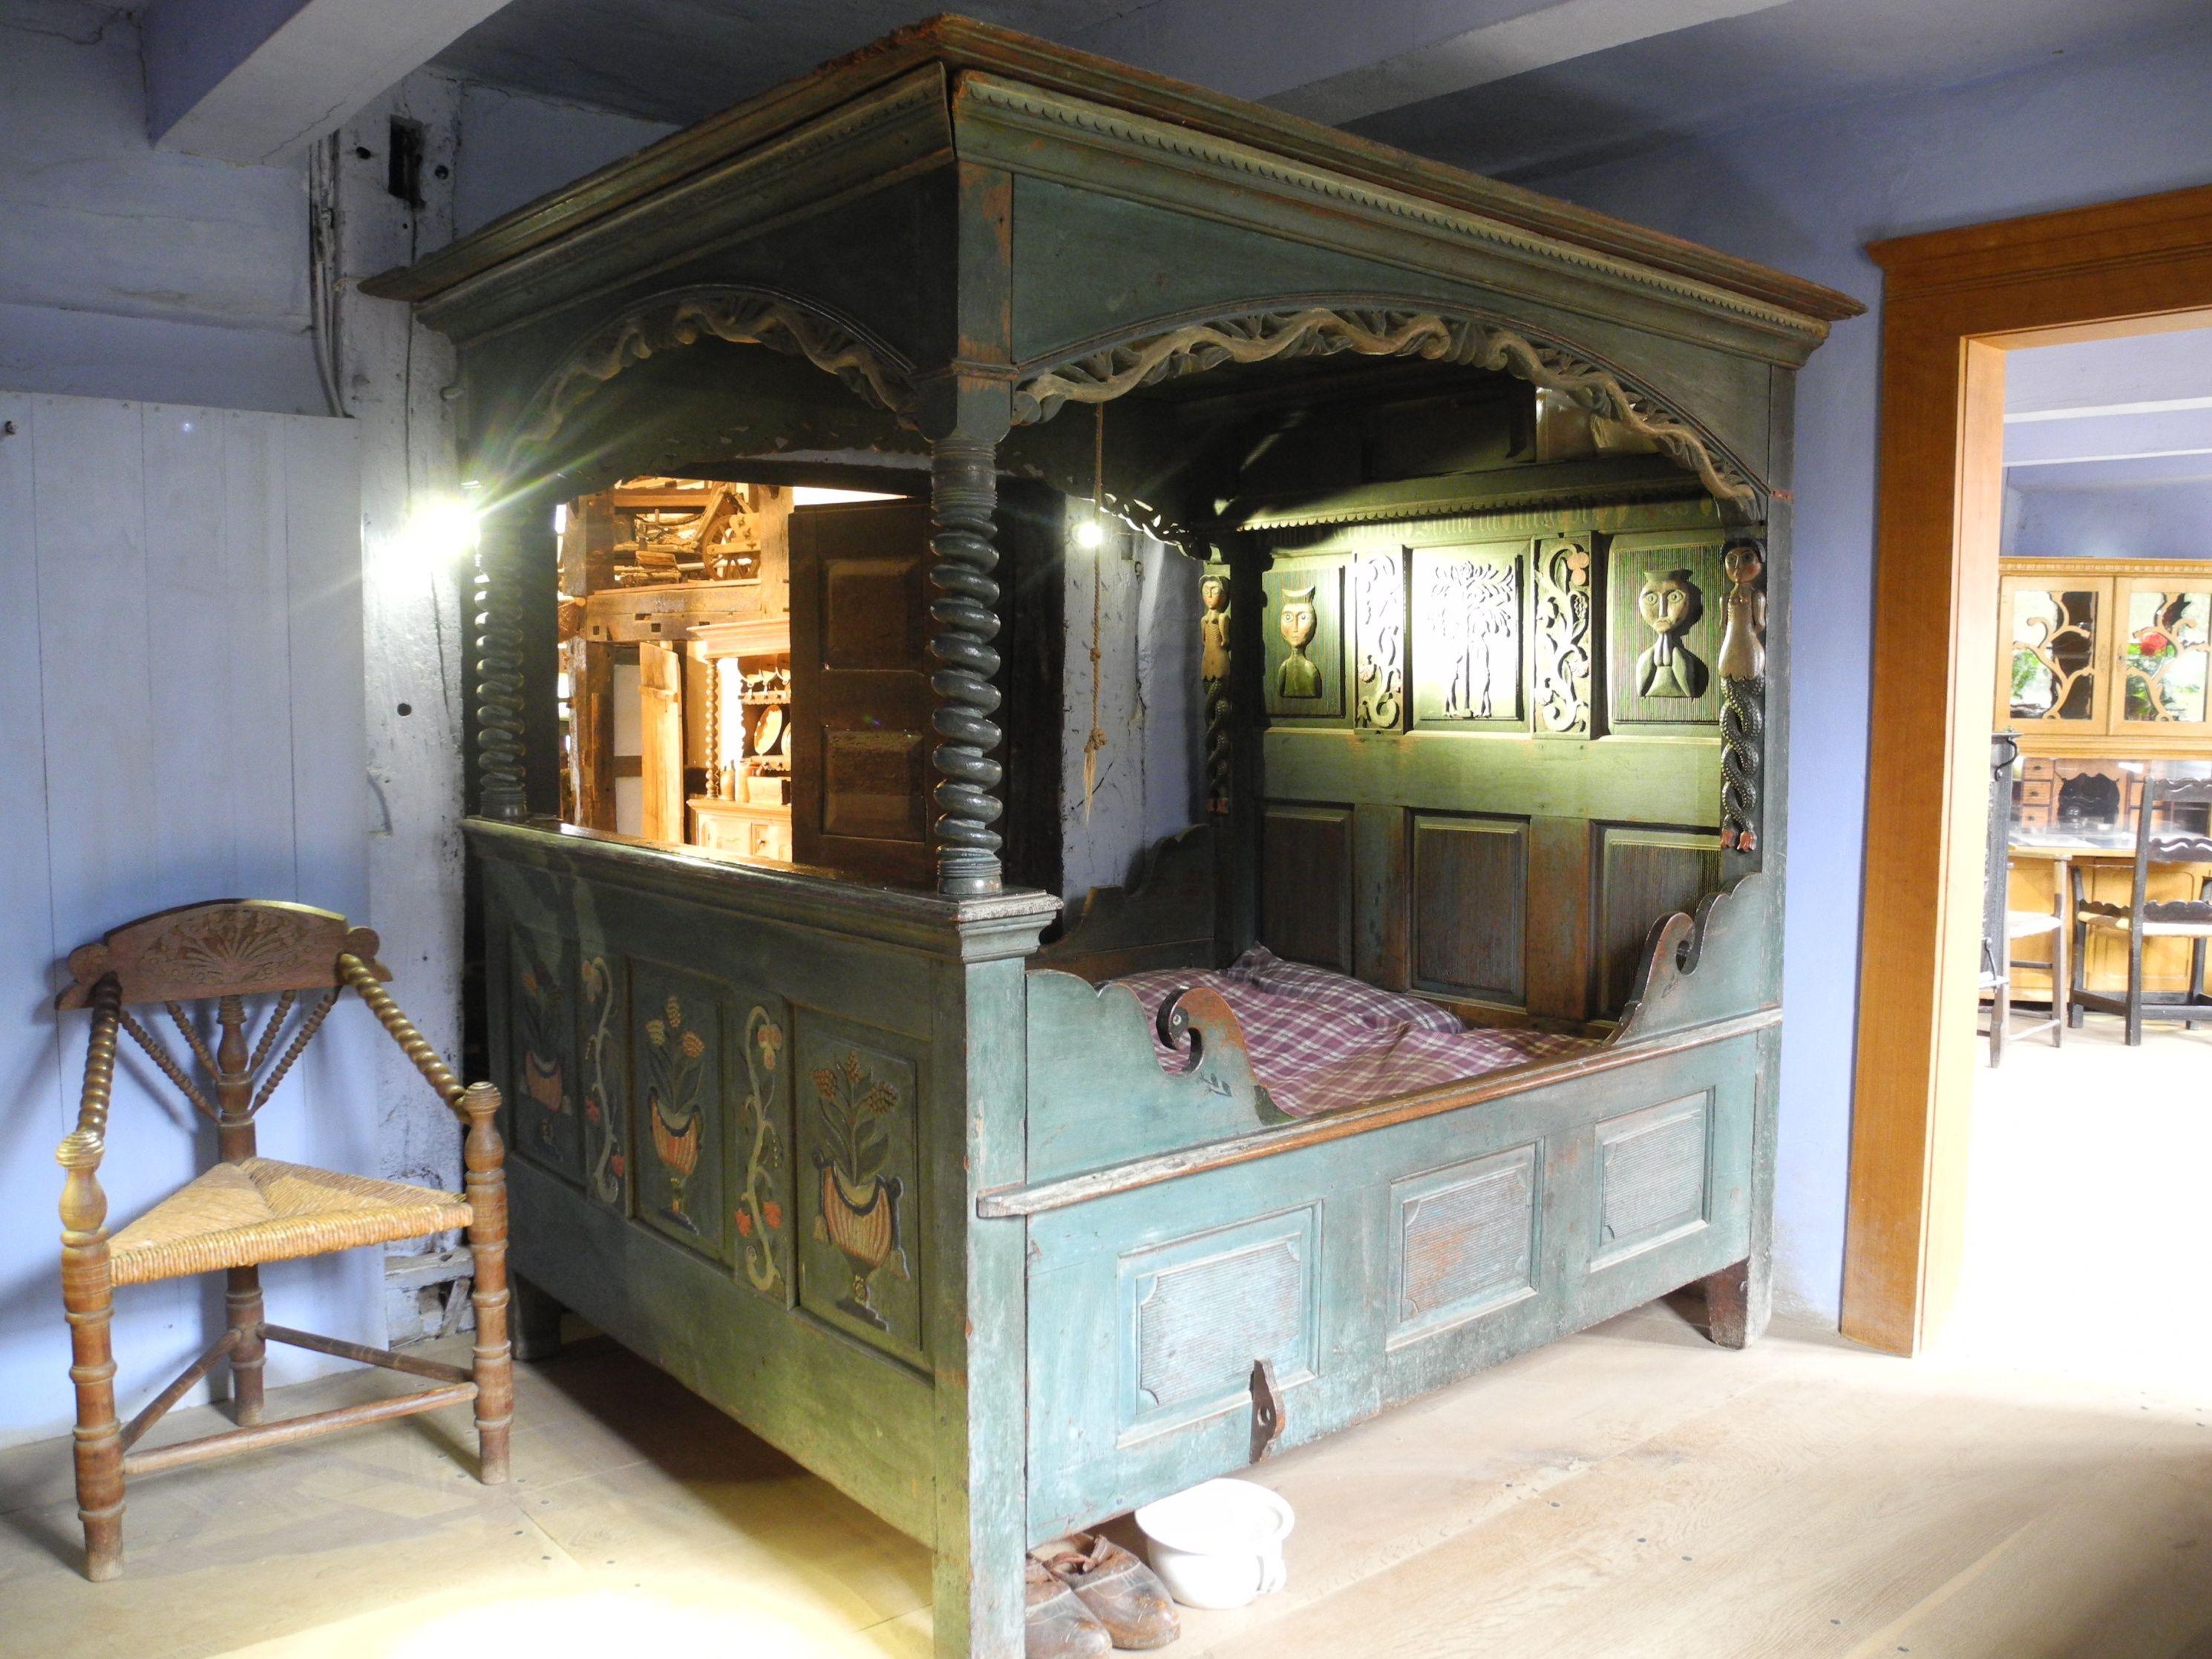 Möbelladen Bielefeld himmelbett bauernhausmuseum bielefeld möbel einrichtung wohnen